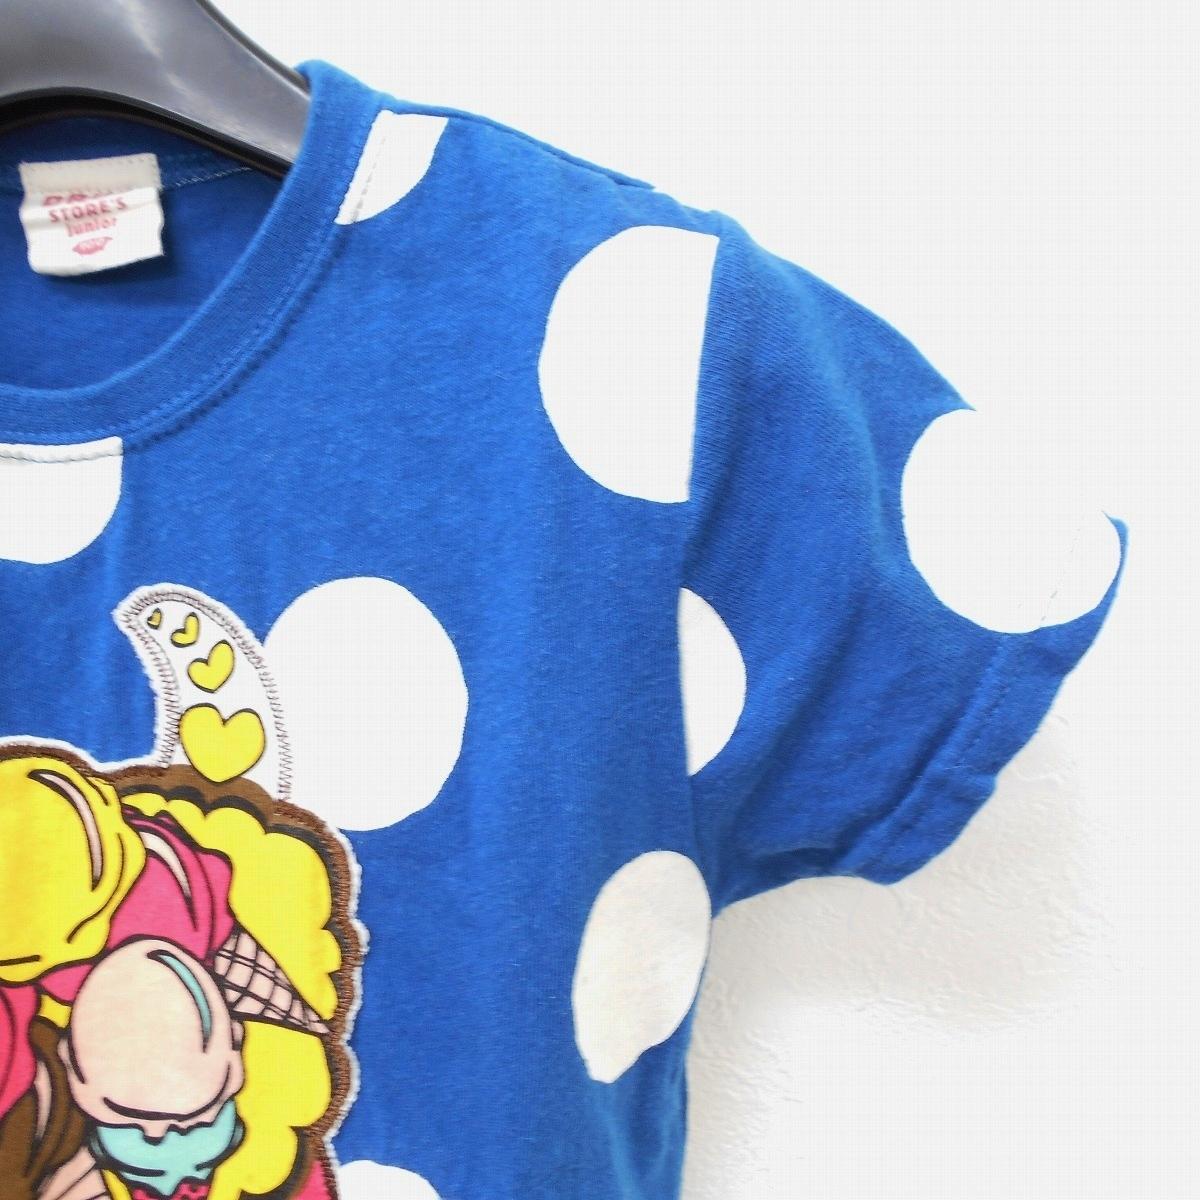 ドラッグストアーズ DRUG STORES キッズ 100cm 半袖 Tシャツ ブルー ドット プリント ワッペン トップス_画像4